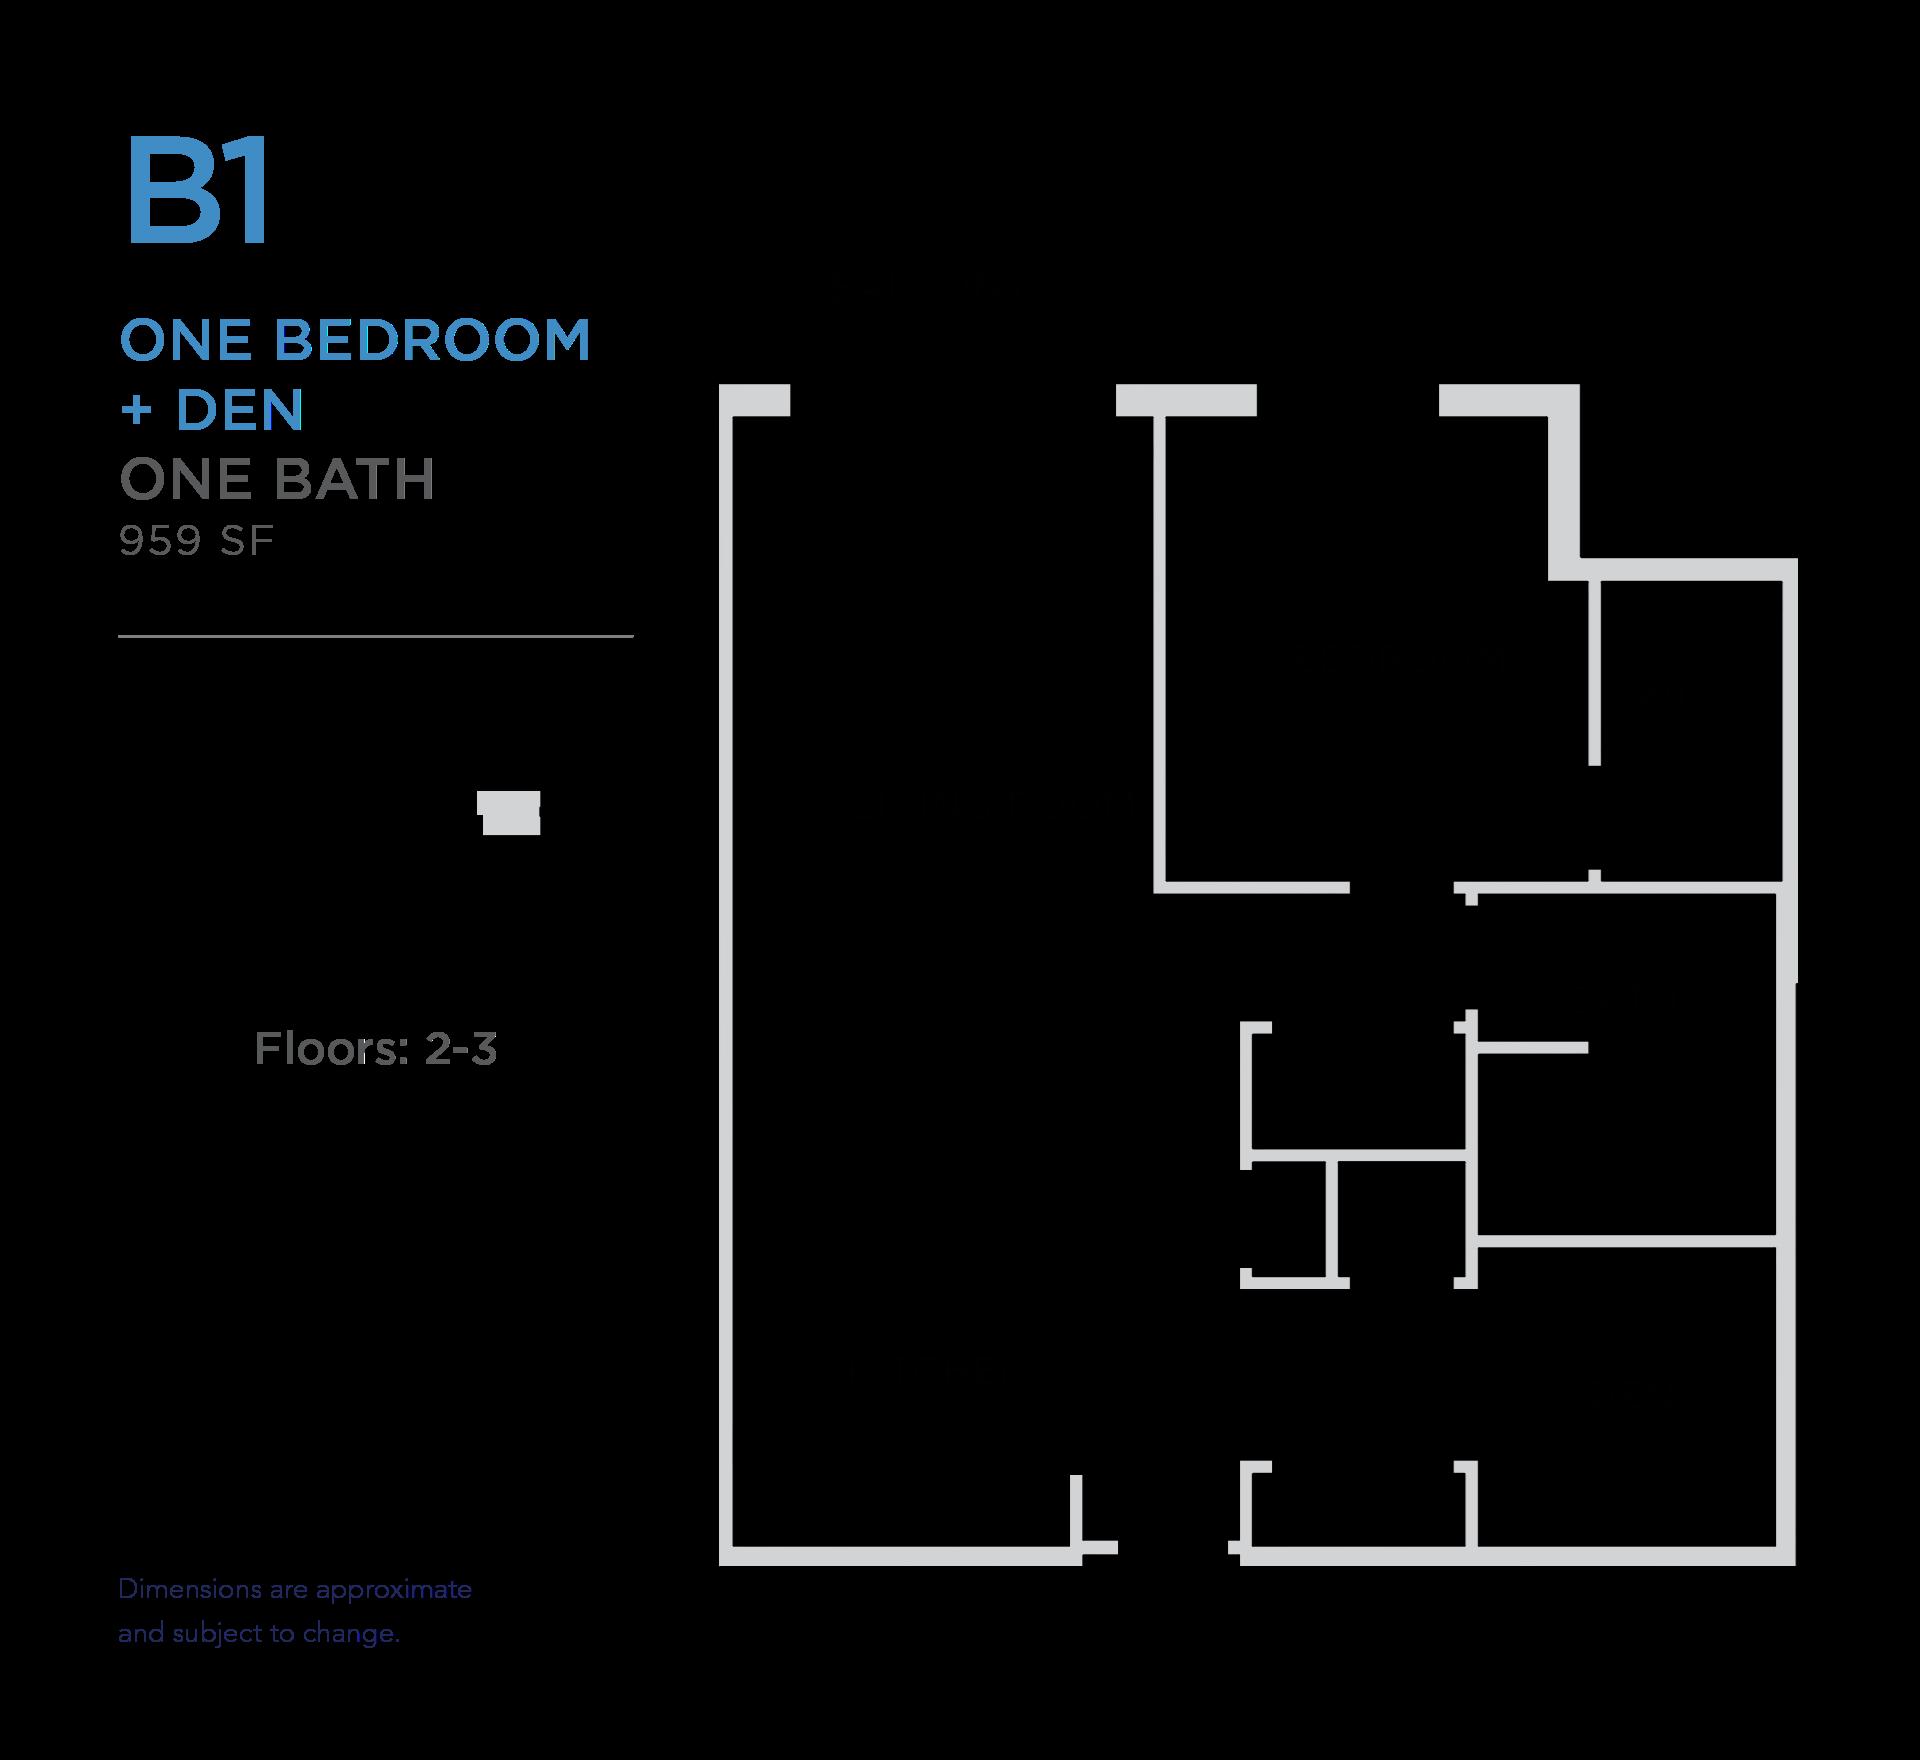 101 West 1 bed 1 bath plus den 959 square foot apartment floor plan